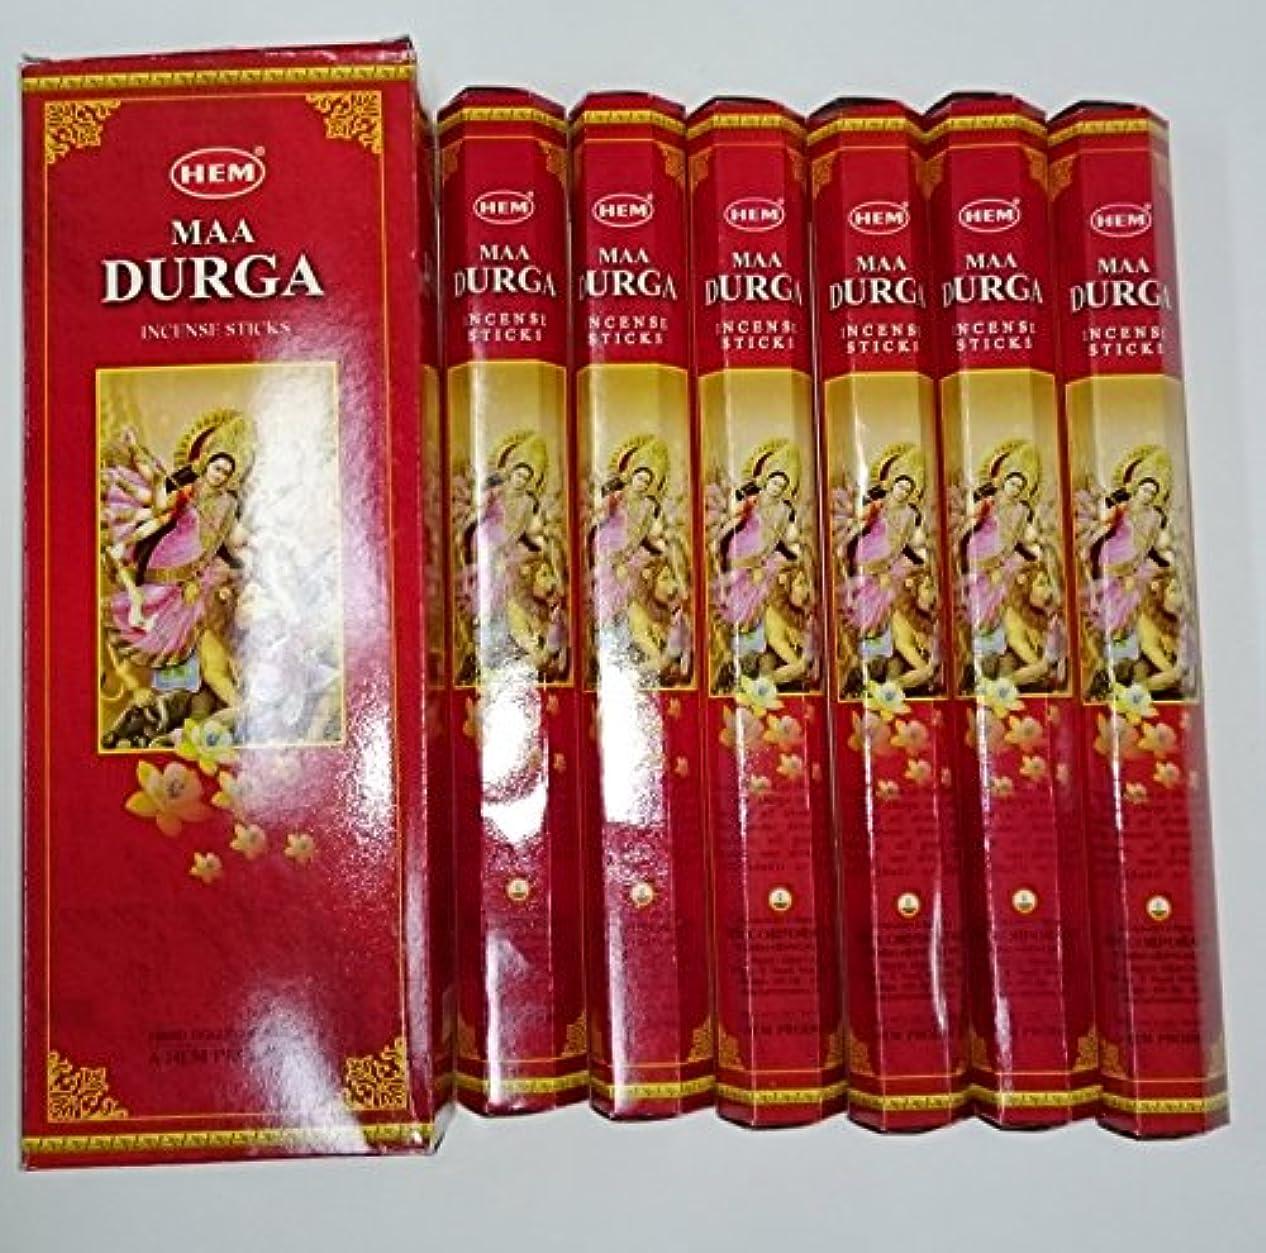 取り戻すエゴイズム雨のHEM(ヘム) スティックお香 六角香 ヘキサパック ドゥルガー香 6角(20本入)x6箱[並行輸入品]DURGA